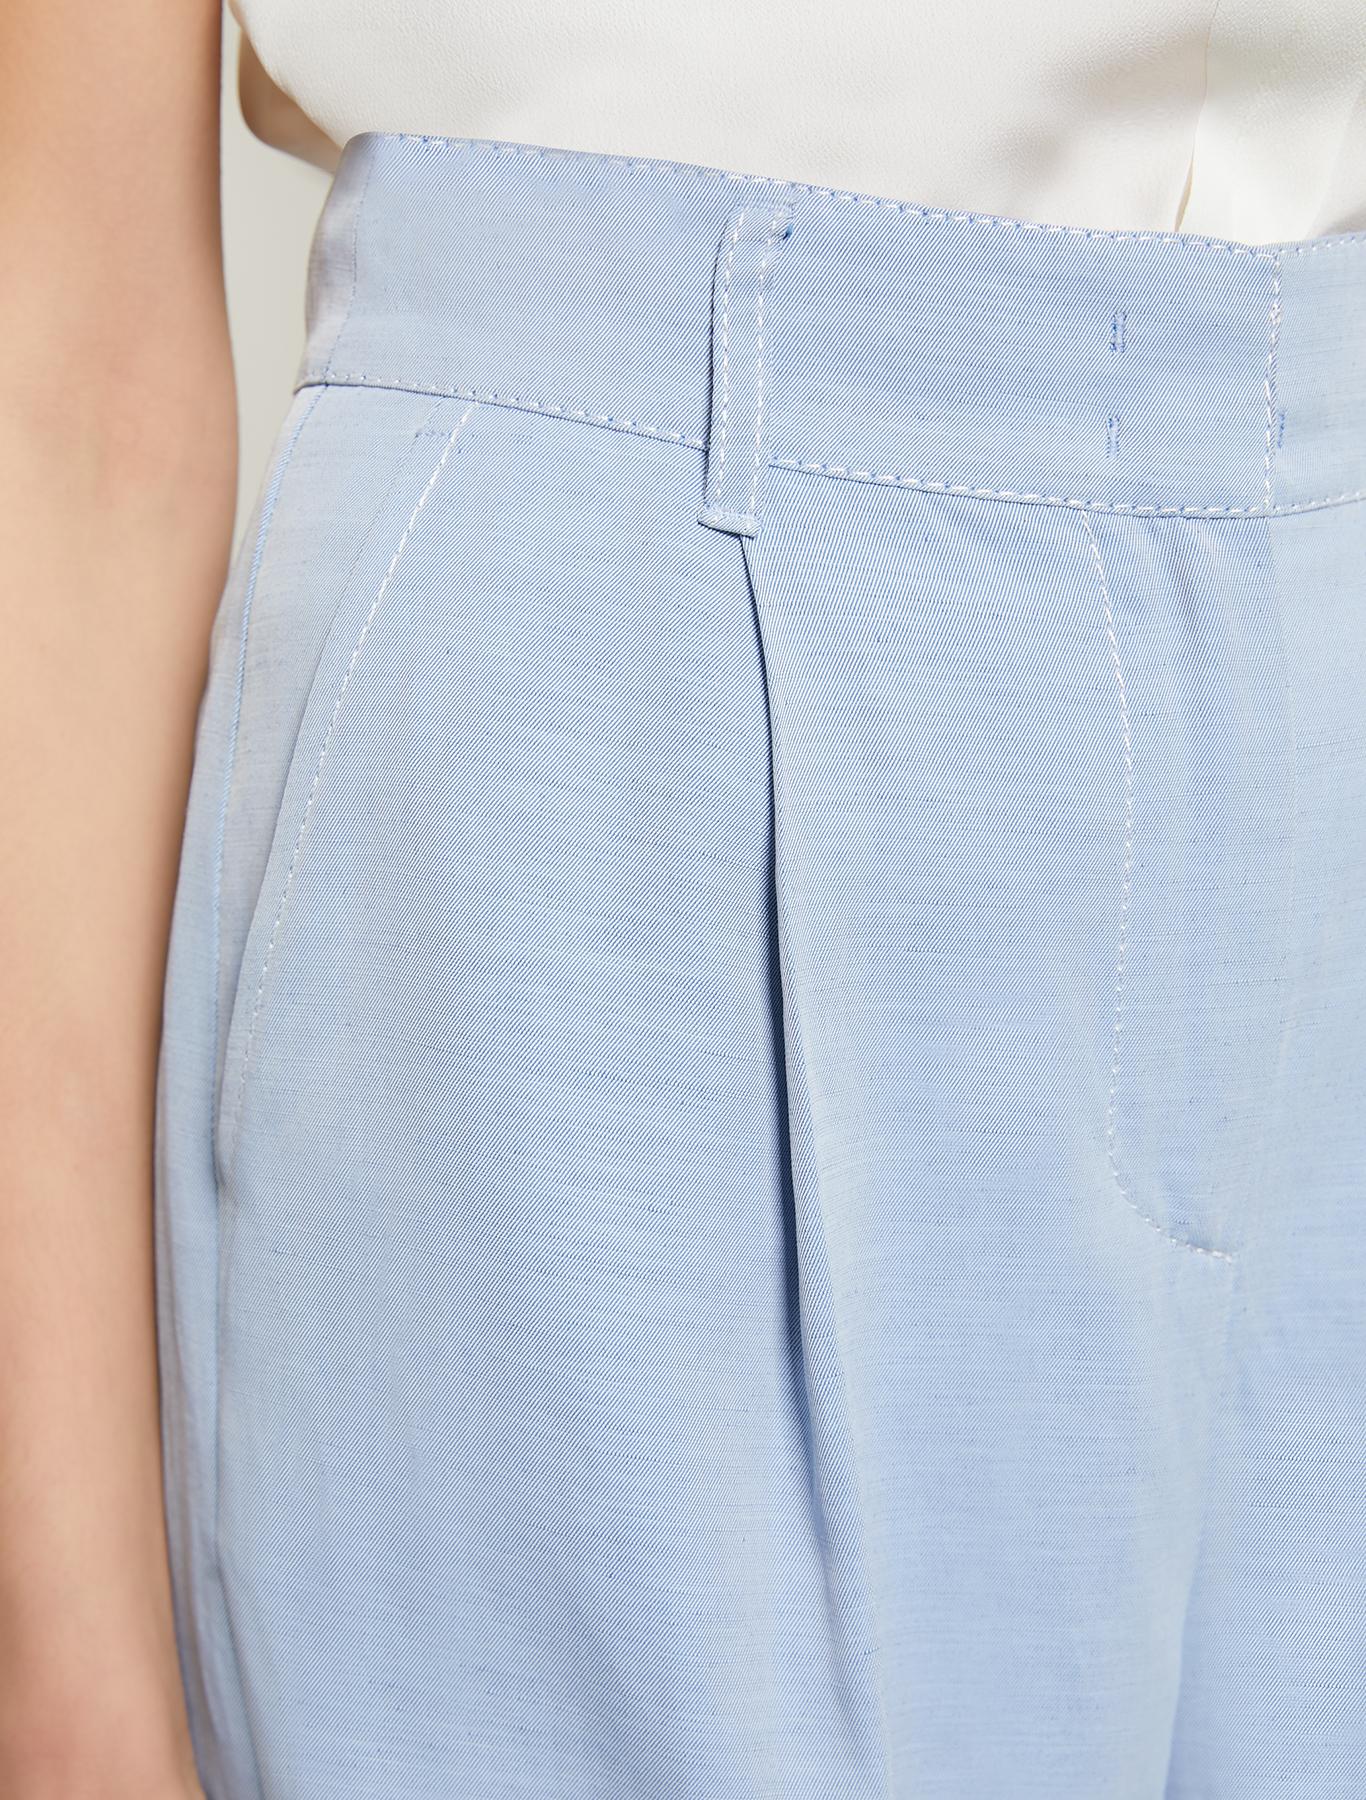 Fil-à-fil Bermuda shorts - light blue - pennyblack